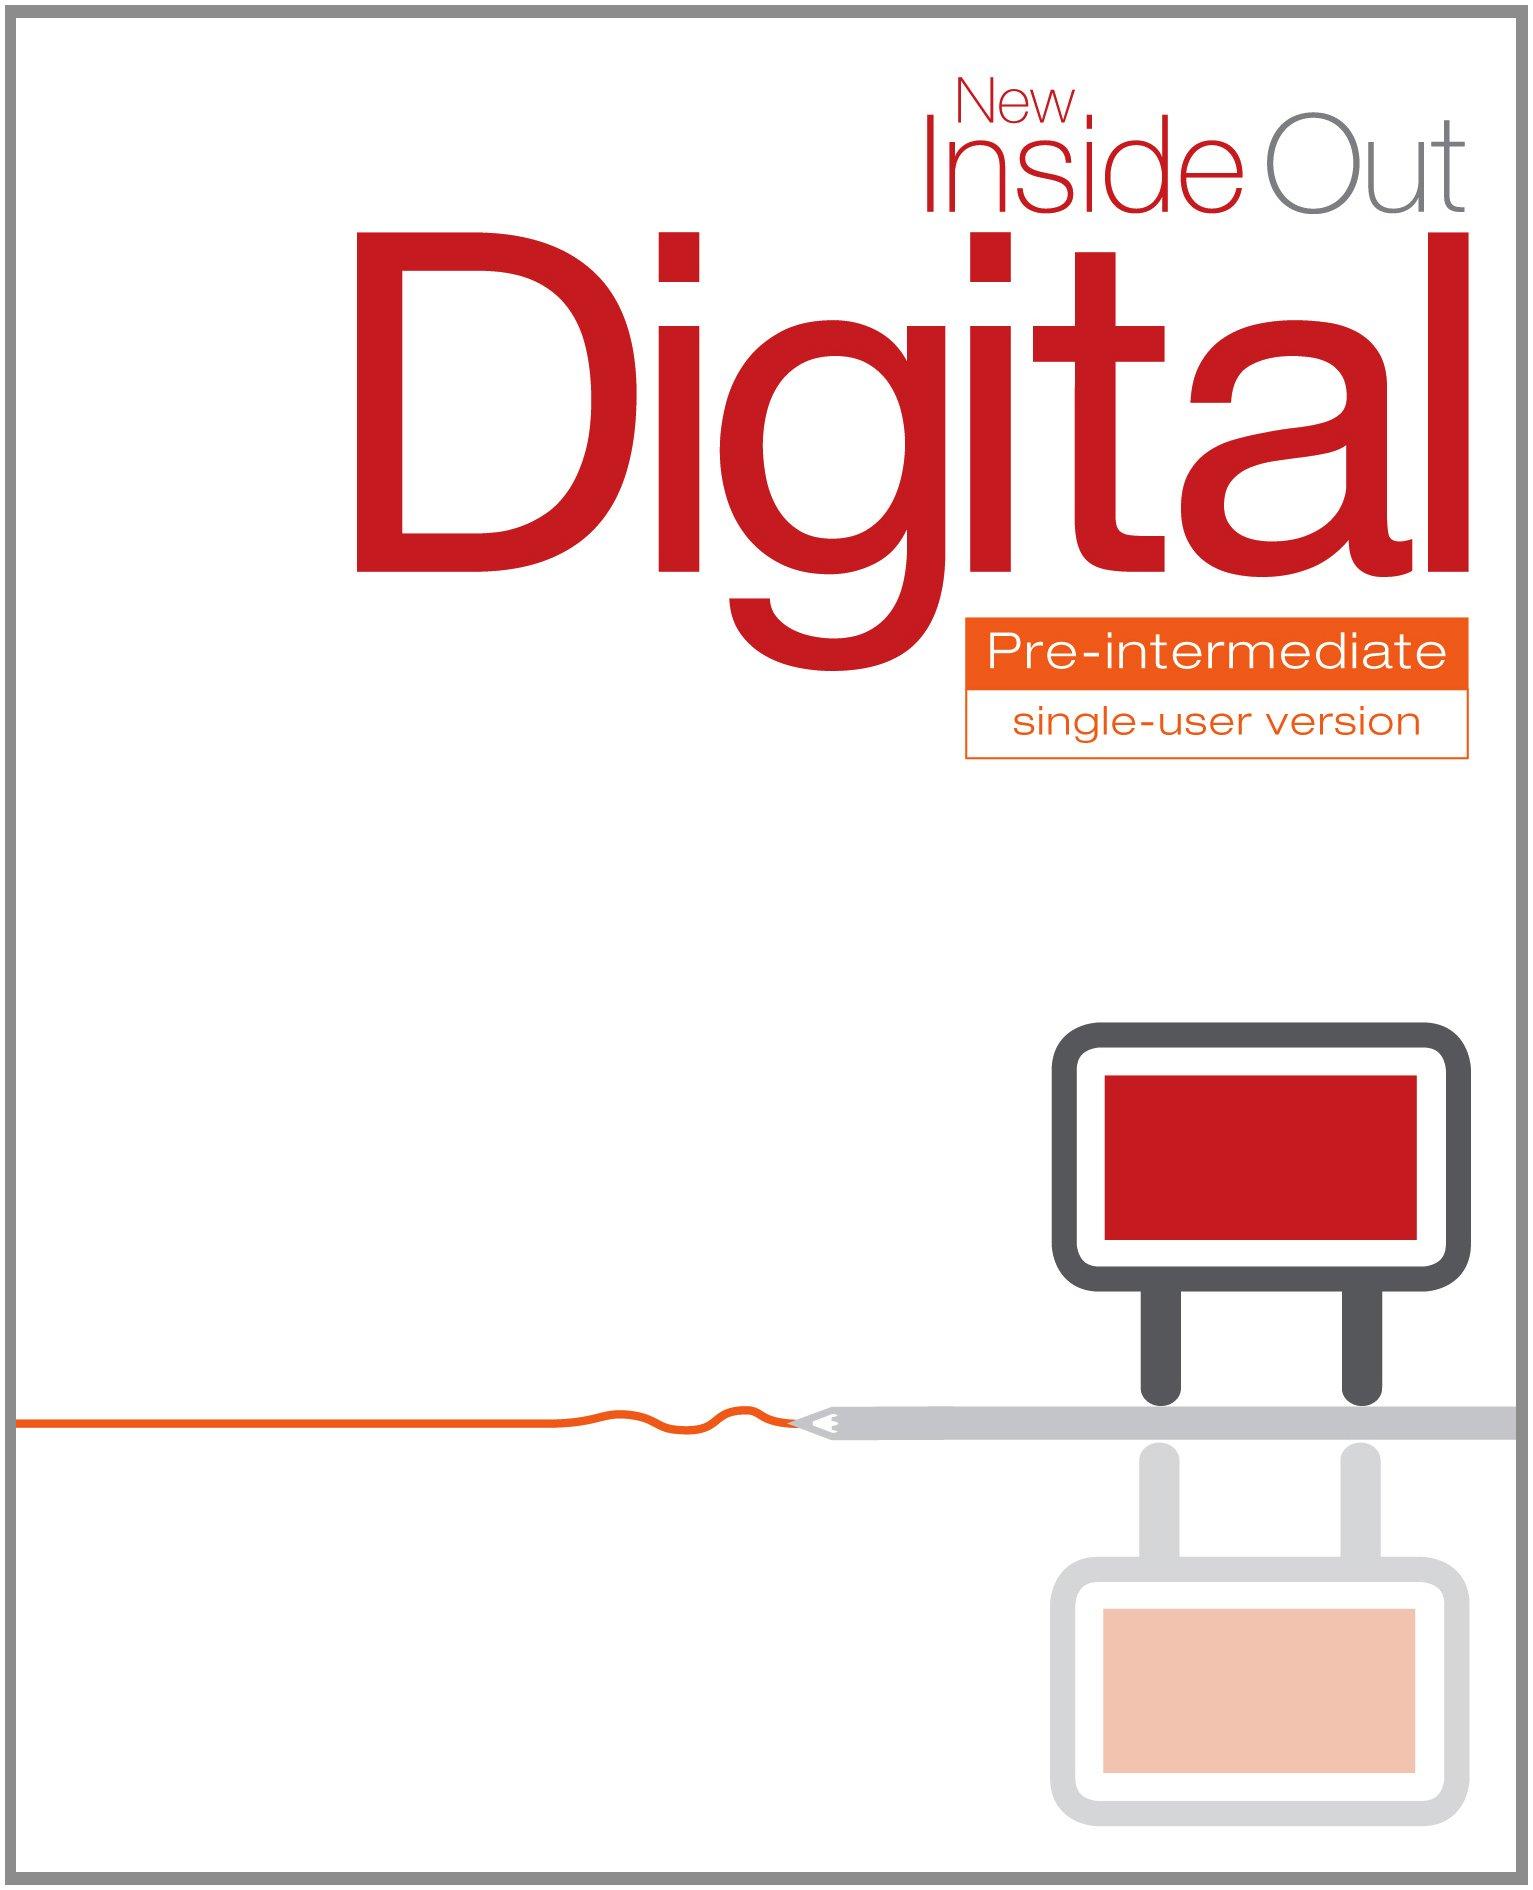 New Inside Out Pre-Intermediate Digital Whiteboard Software